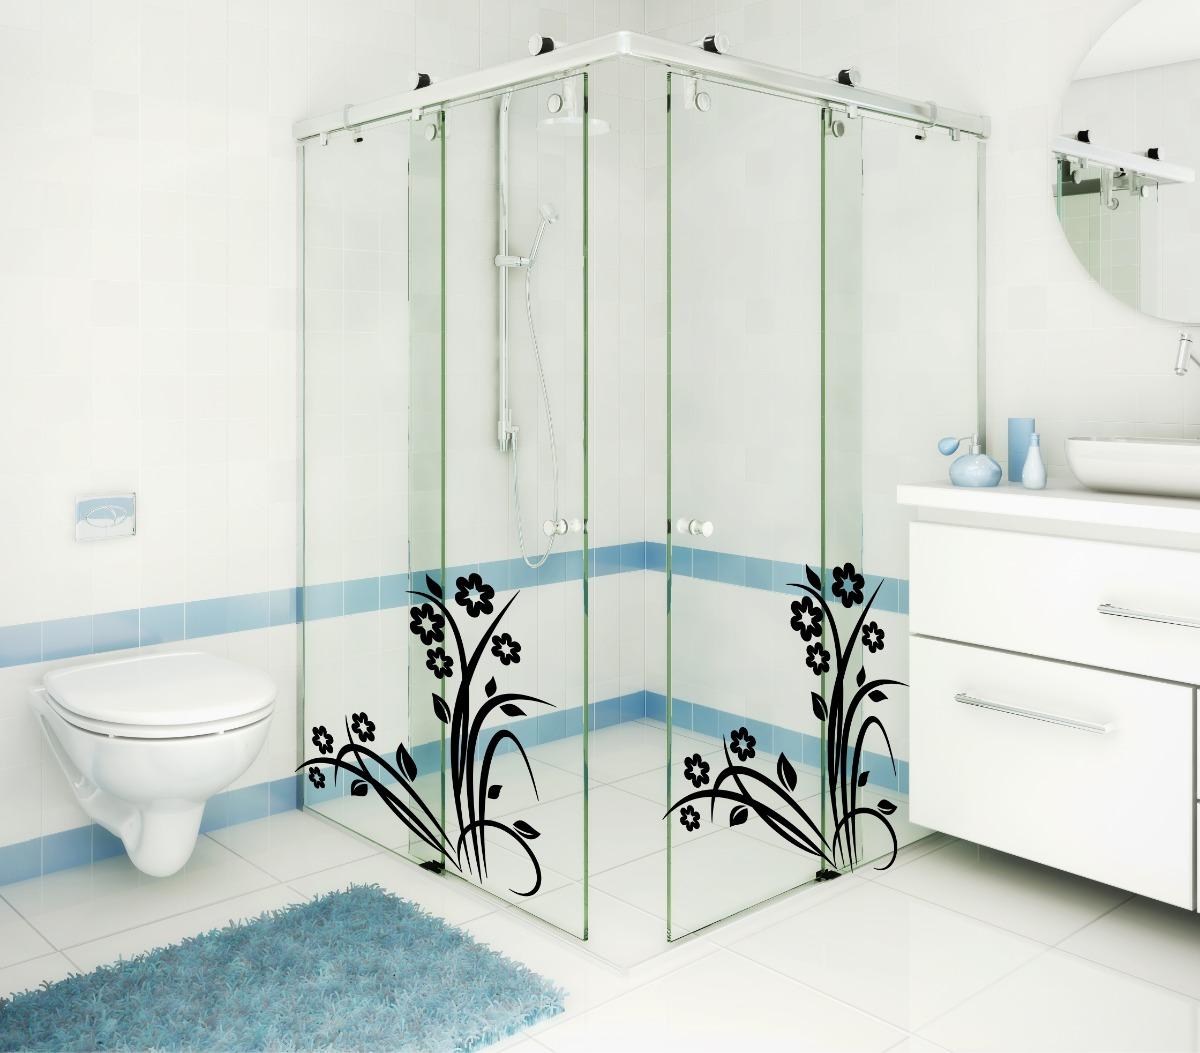 Papel de parede para banheiros Decorando Casas #4C727F 1200 1053